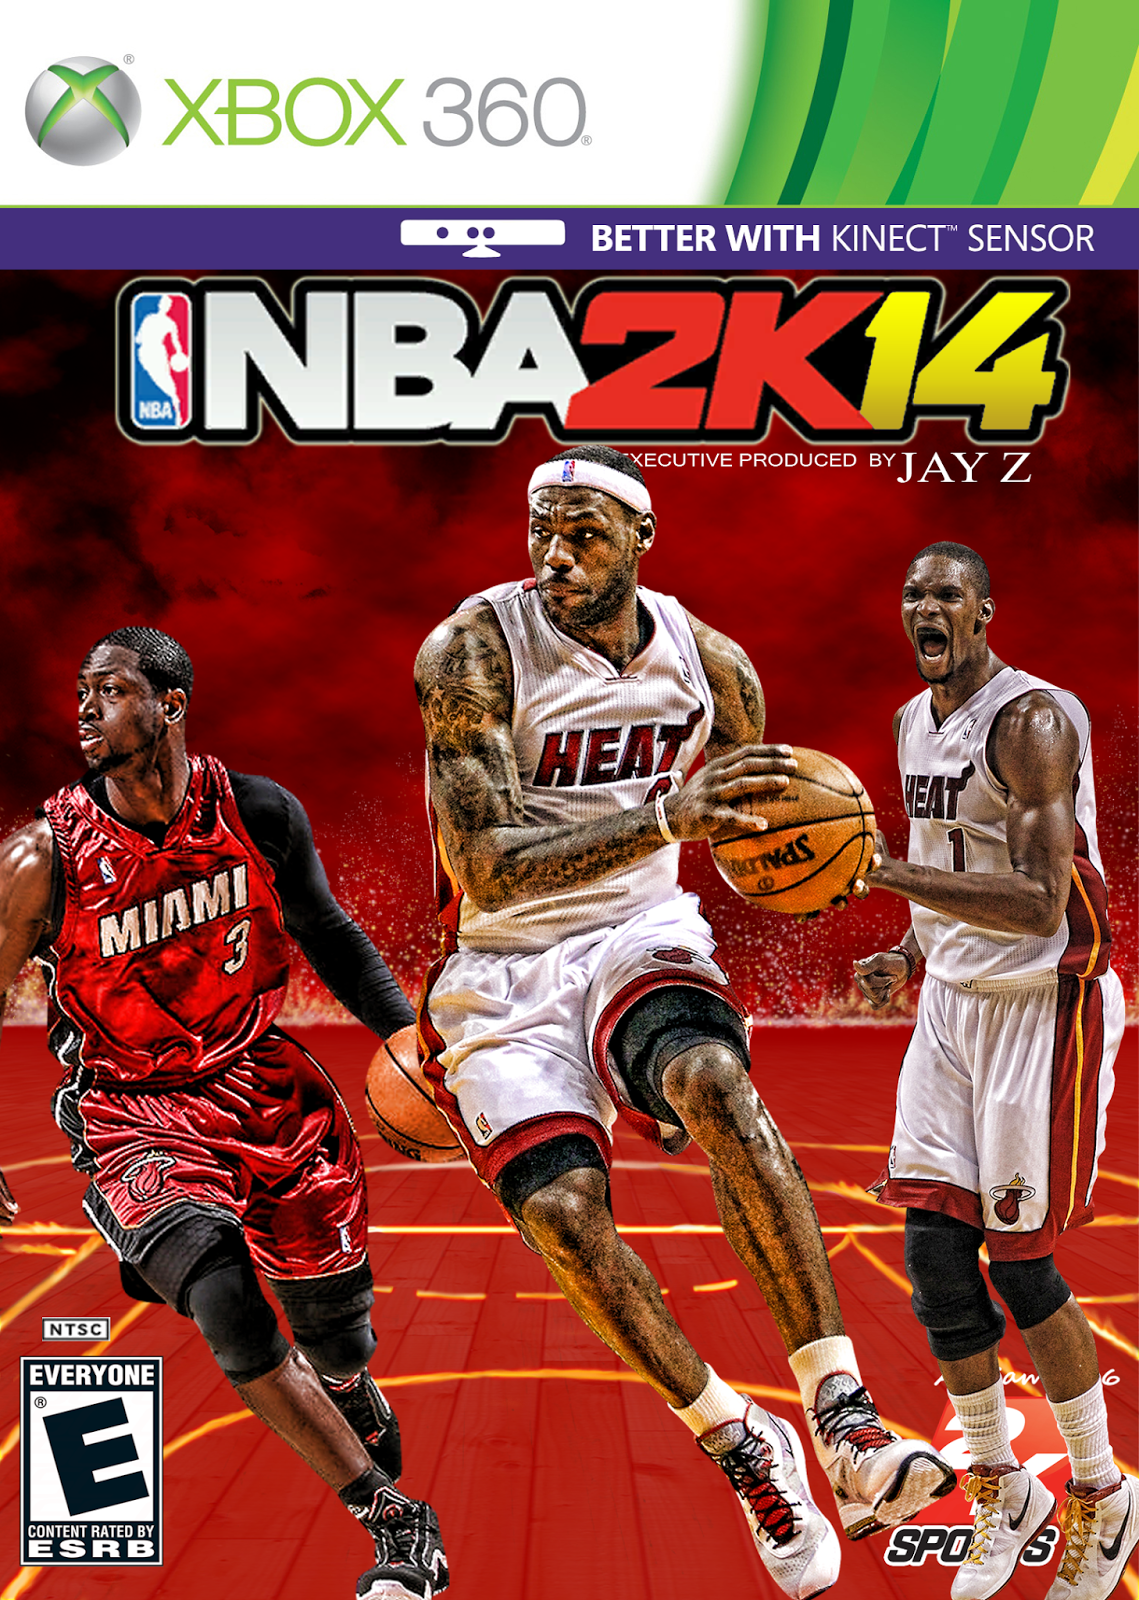 NBA 2014 - XBOX360 NBA-2K14-Game-Cover-Xbox-360